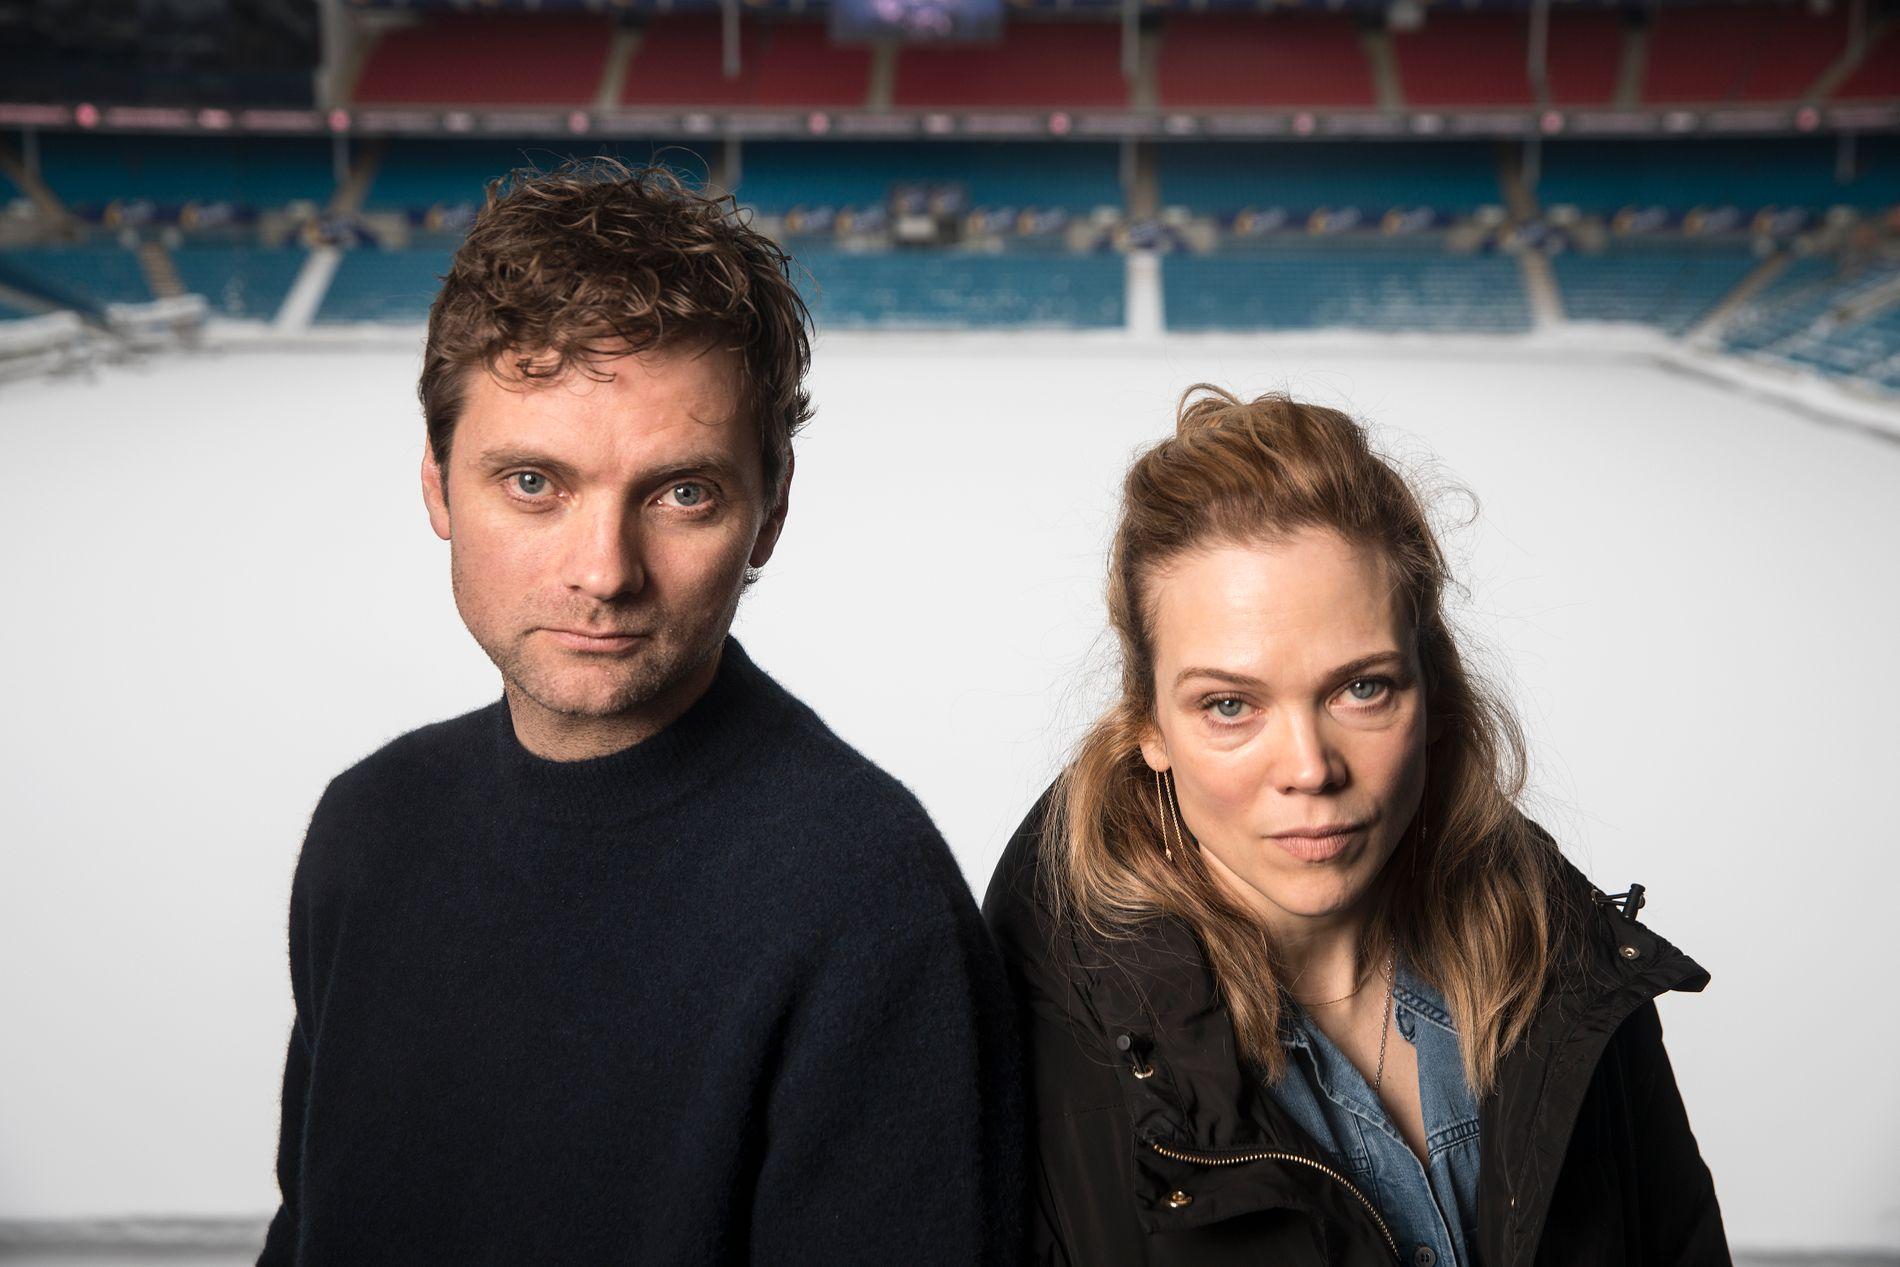 NÅDDE IKKE OPP: Morten Svartveit og Ane Dahl Torp må se langt etter Gullruten-priser i år.